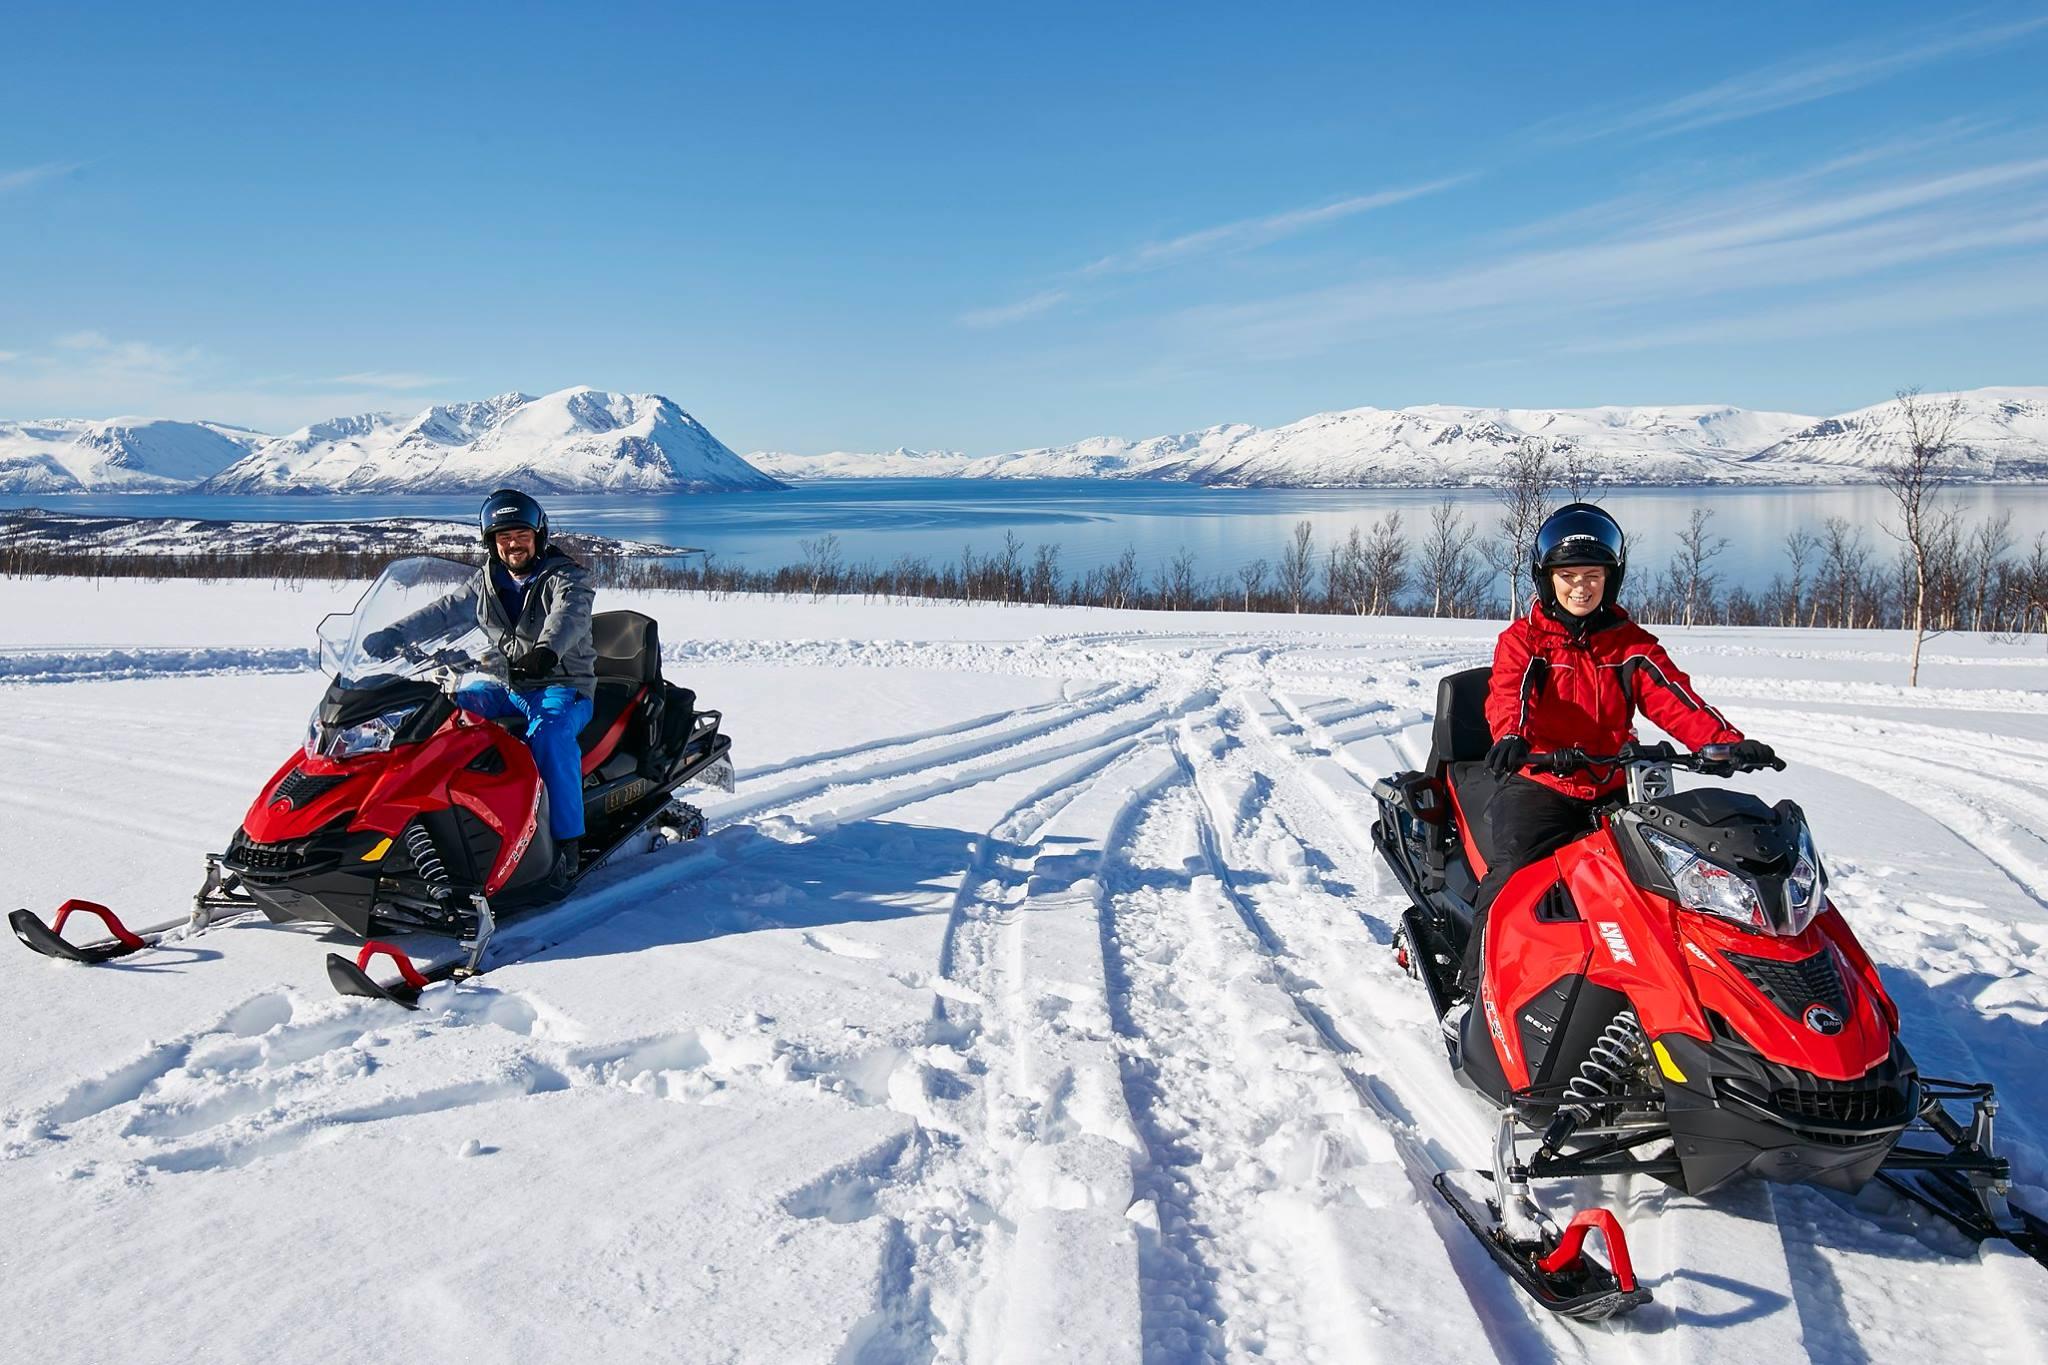 Moto de nieve Noruega (5)